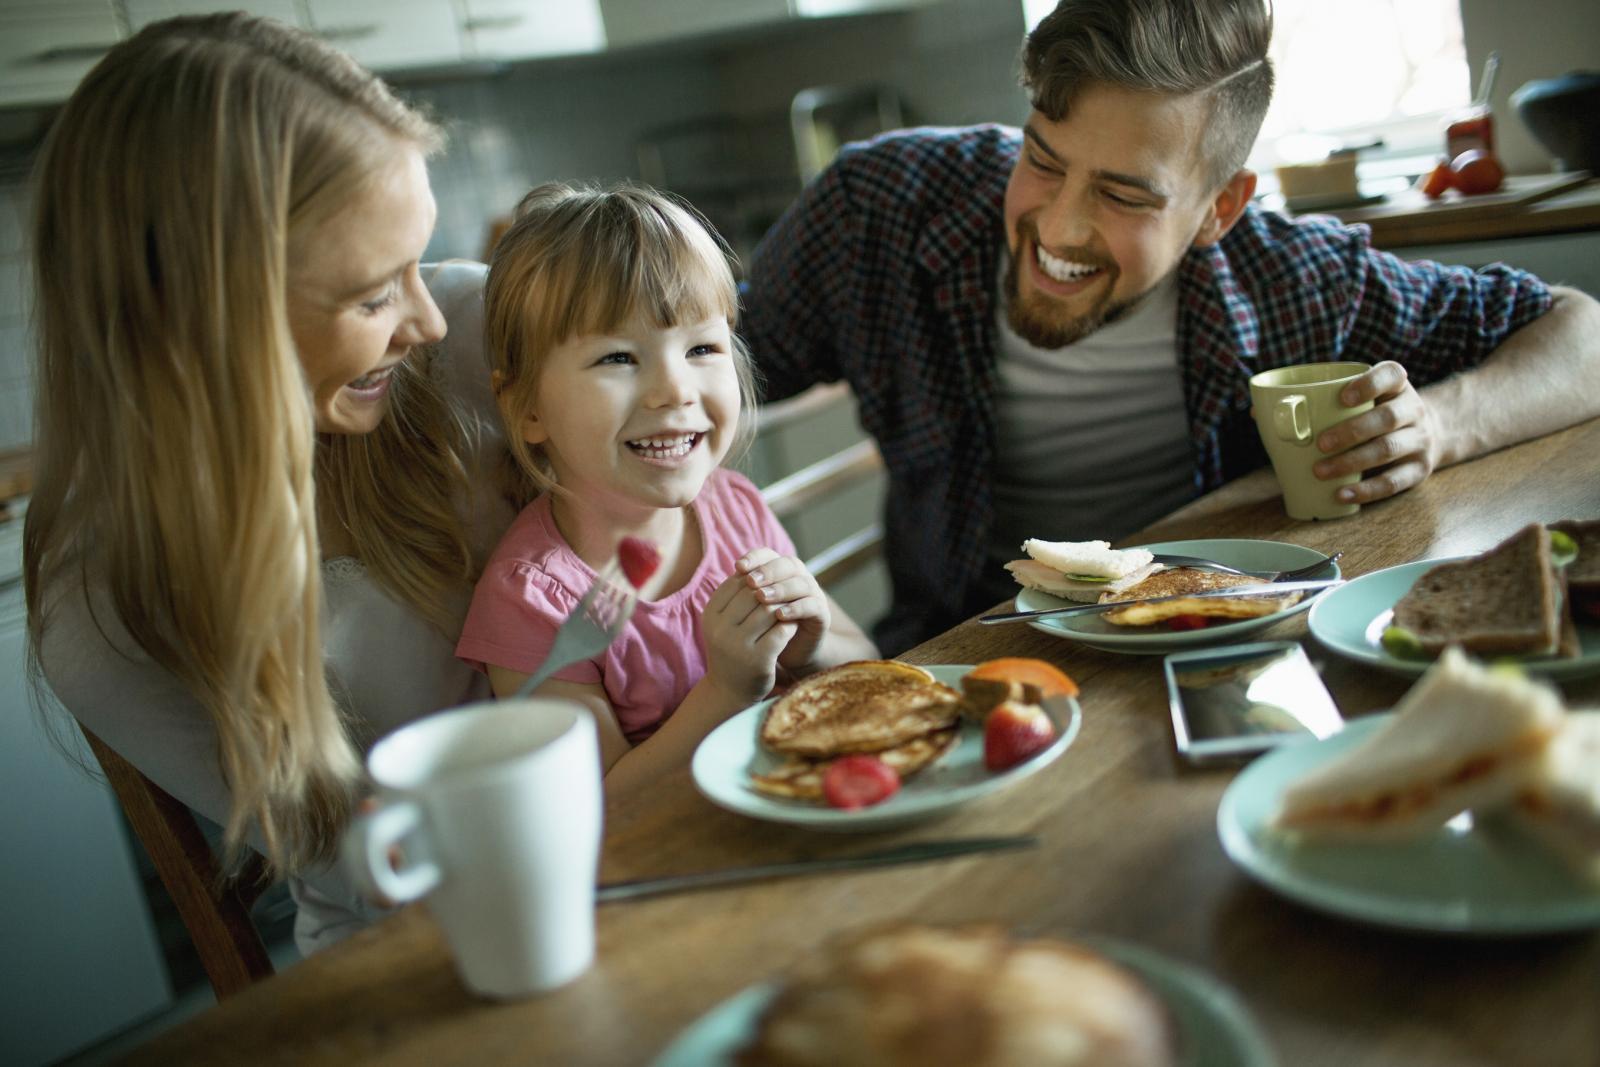 Sami smo najveći uzor svojoj djeci, pokažimo im primjerom što je dobro i zdravo.